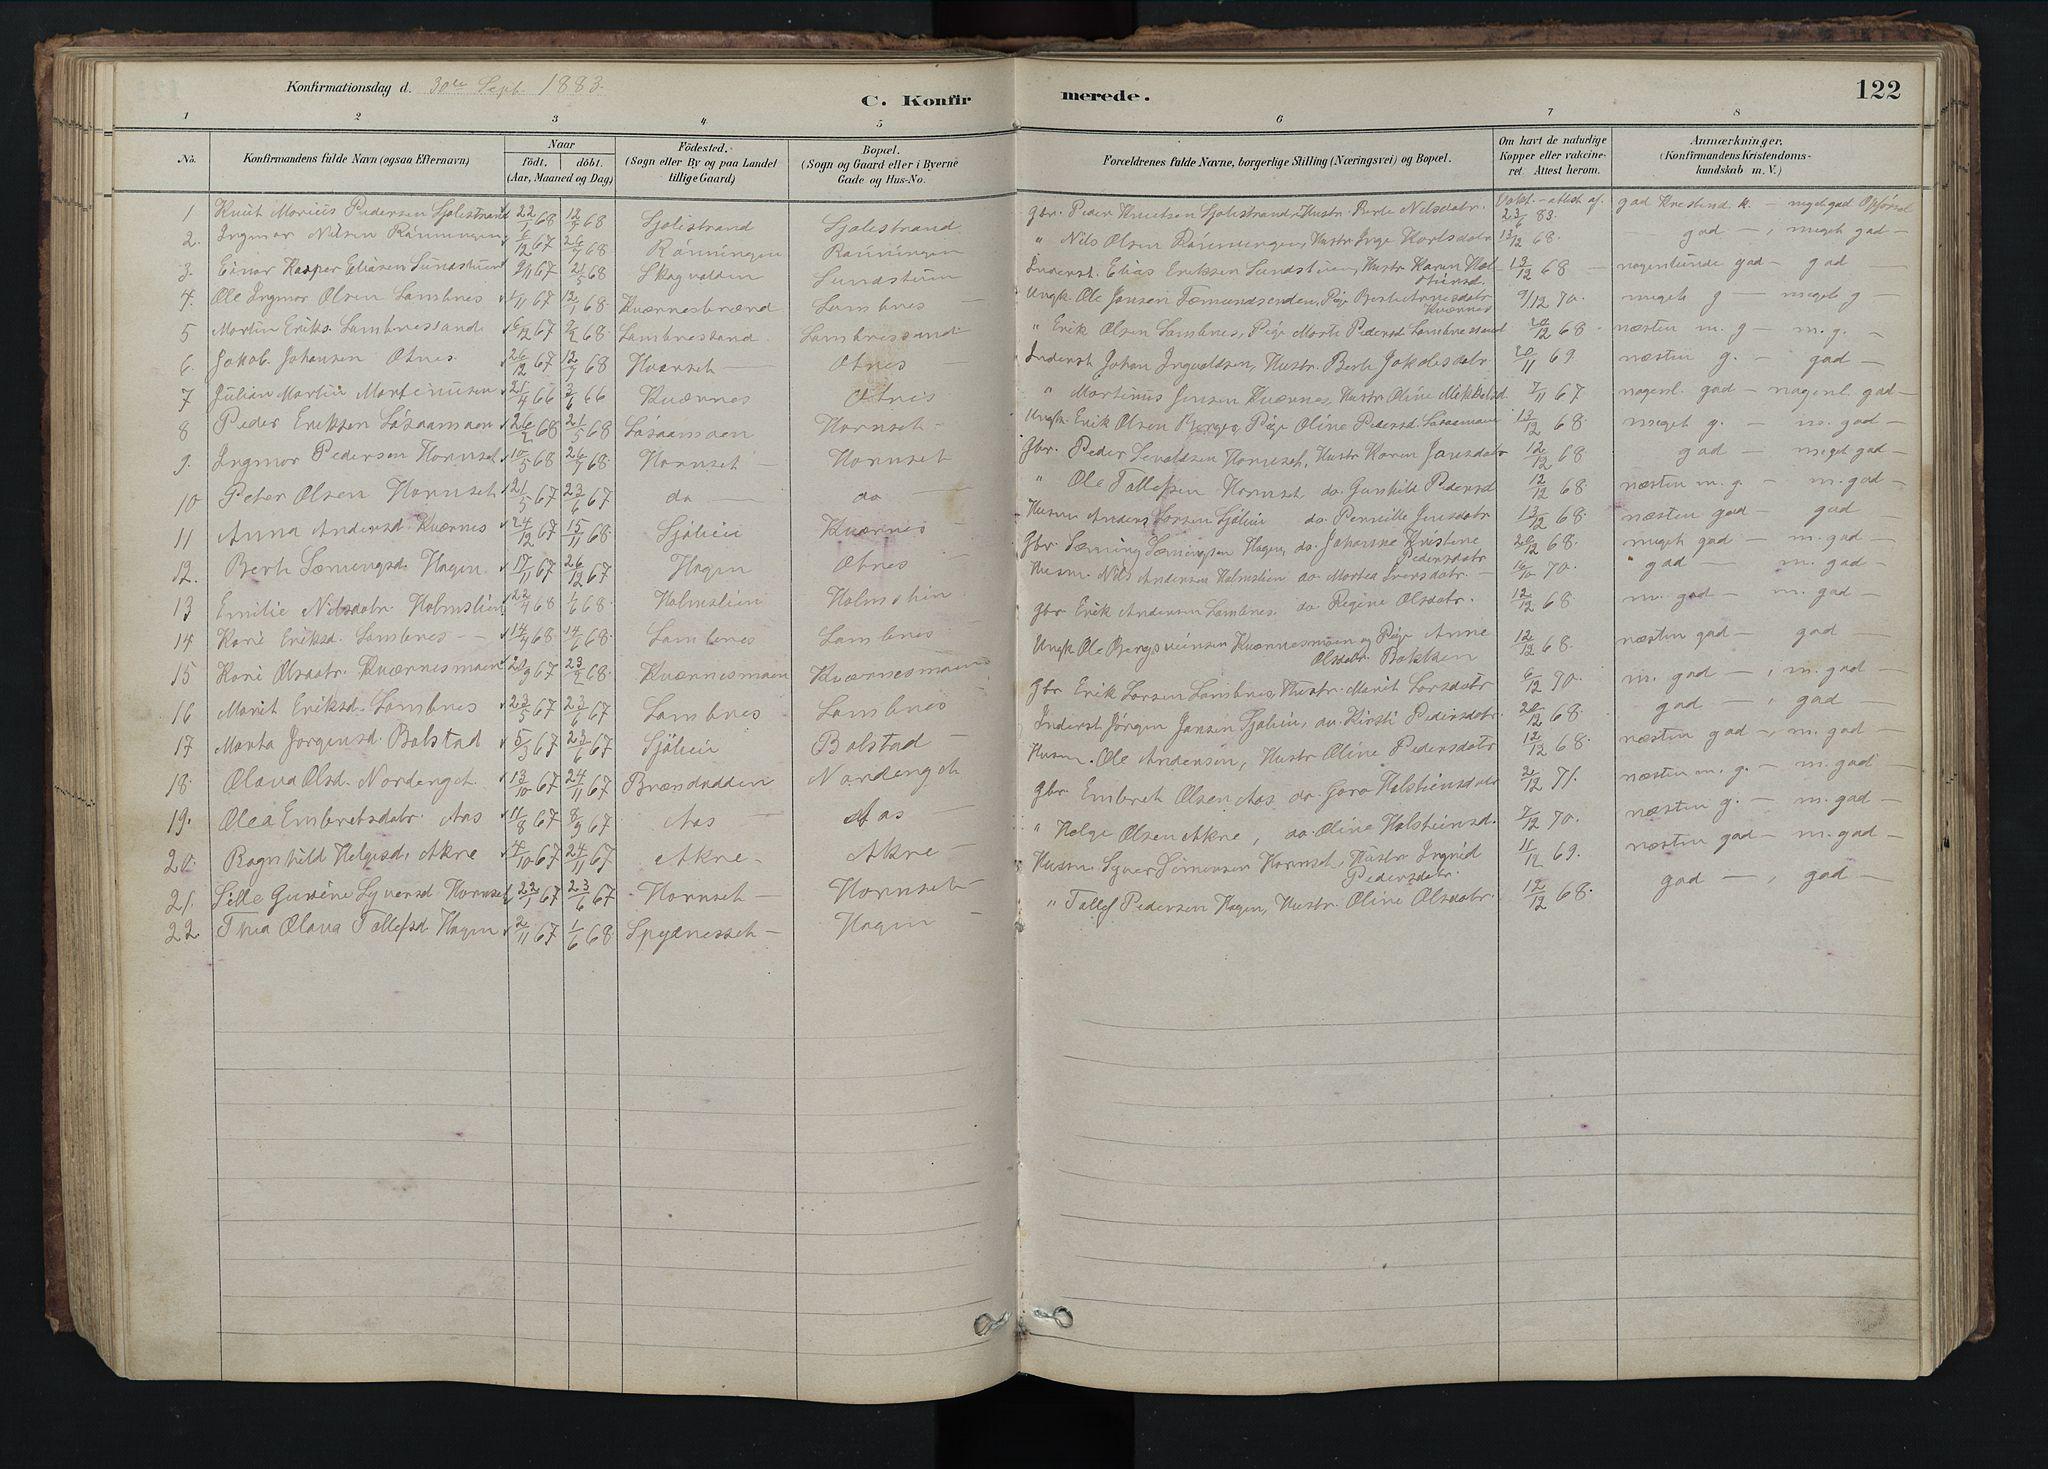 SAH, Rendalen prestekontor, H/Ha/Hab/L0009: Klokkerbok nr. 9, 1879-1902, s. 122